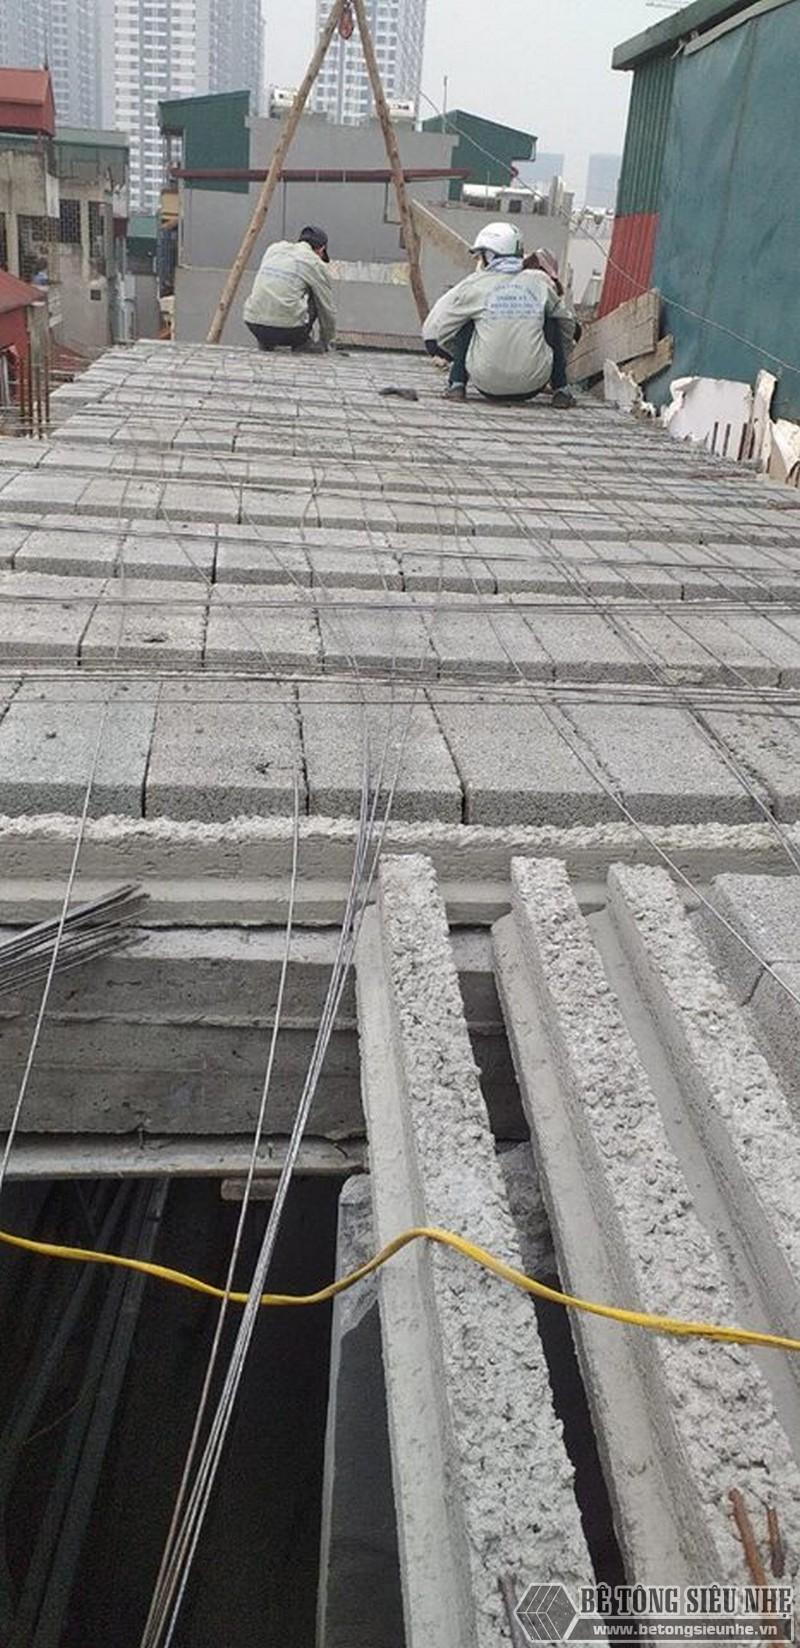 Thi công sàn bê tông nhẹ tại nhà anh Điển - Sàn được ghé từ dầm bê tông đúc sẵn và các tấm bê tông nhẹ đúc sẵn